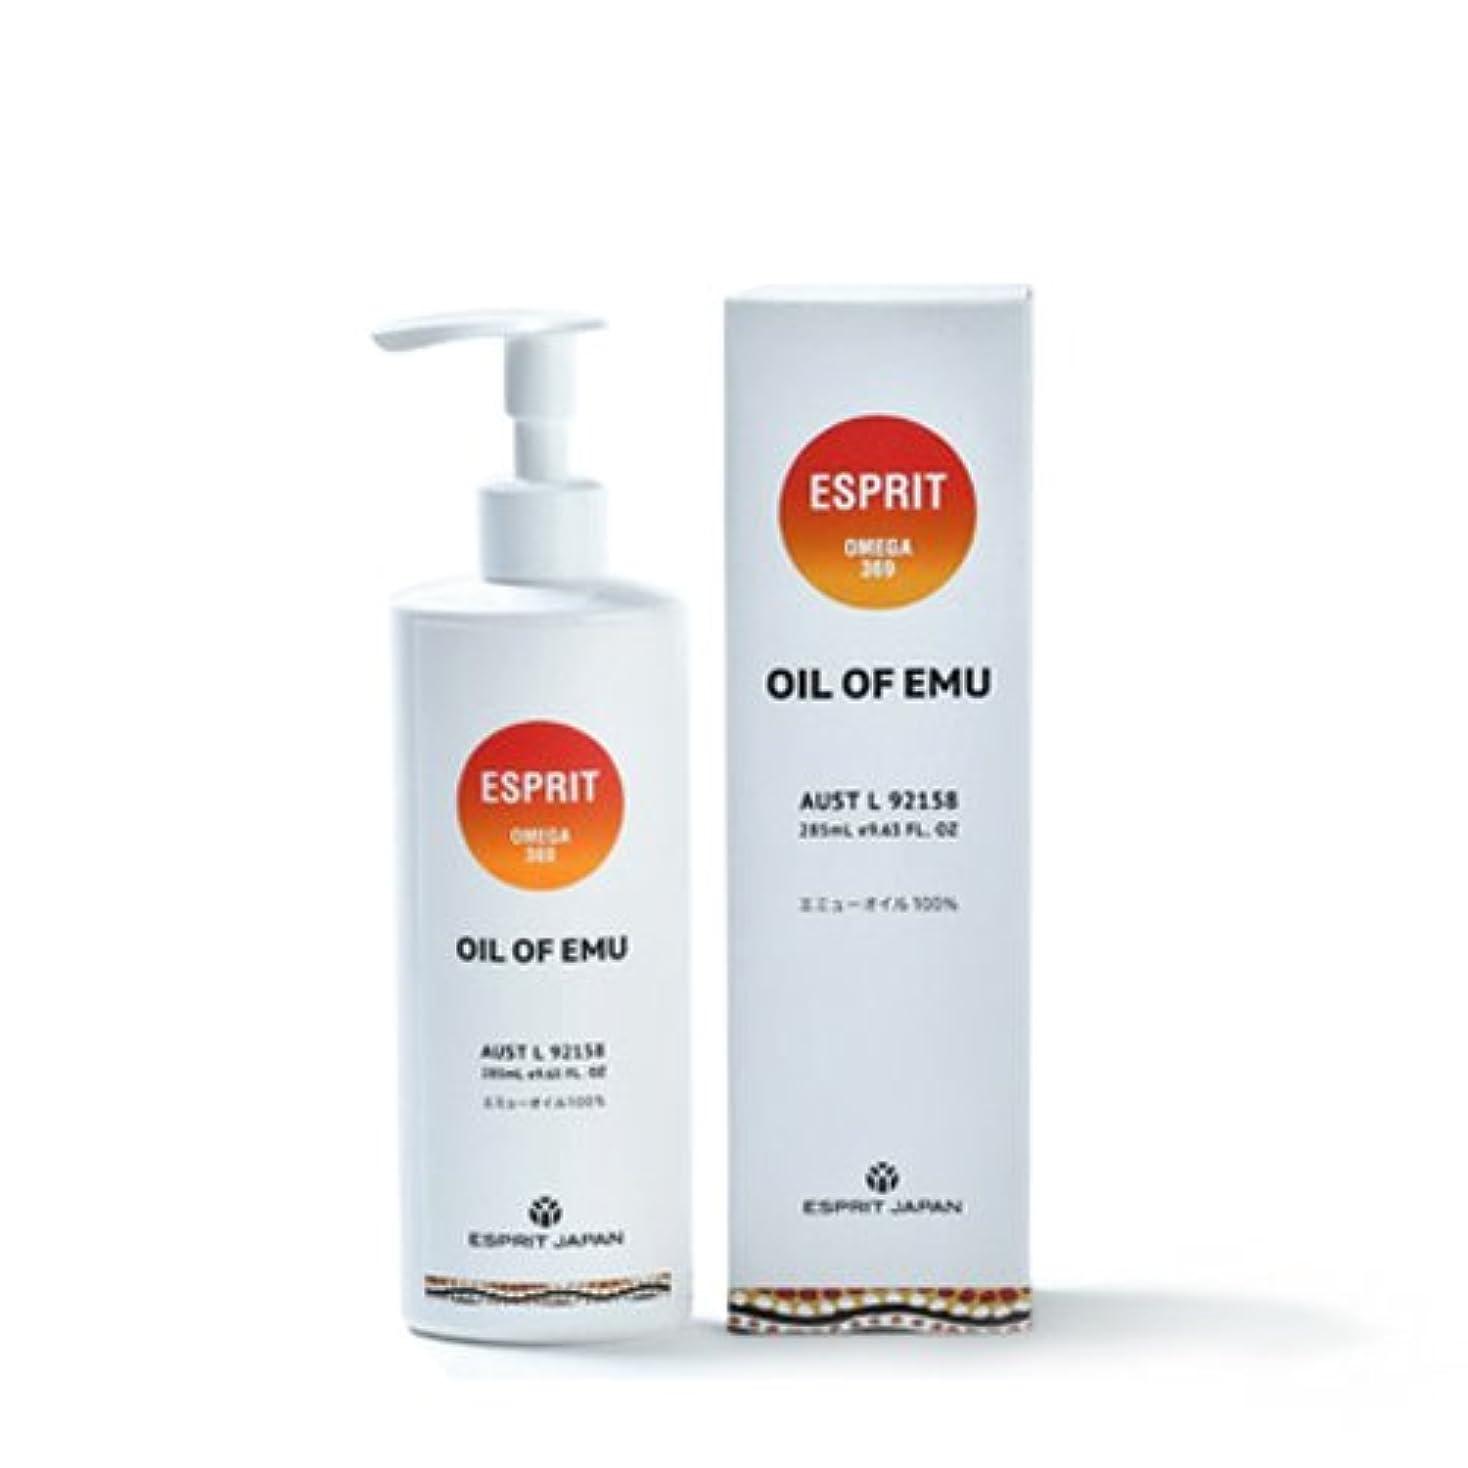 丈夫許される直接【OIL OF EMU】【285ml】【エミューマッサージオイル】【エミューオイル】EMU SPIRIT製 オイル?オブ?エミュー 285ml OIL of EMU (エミューオイル 100%) Sサイズ